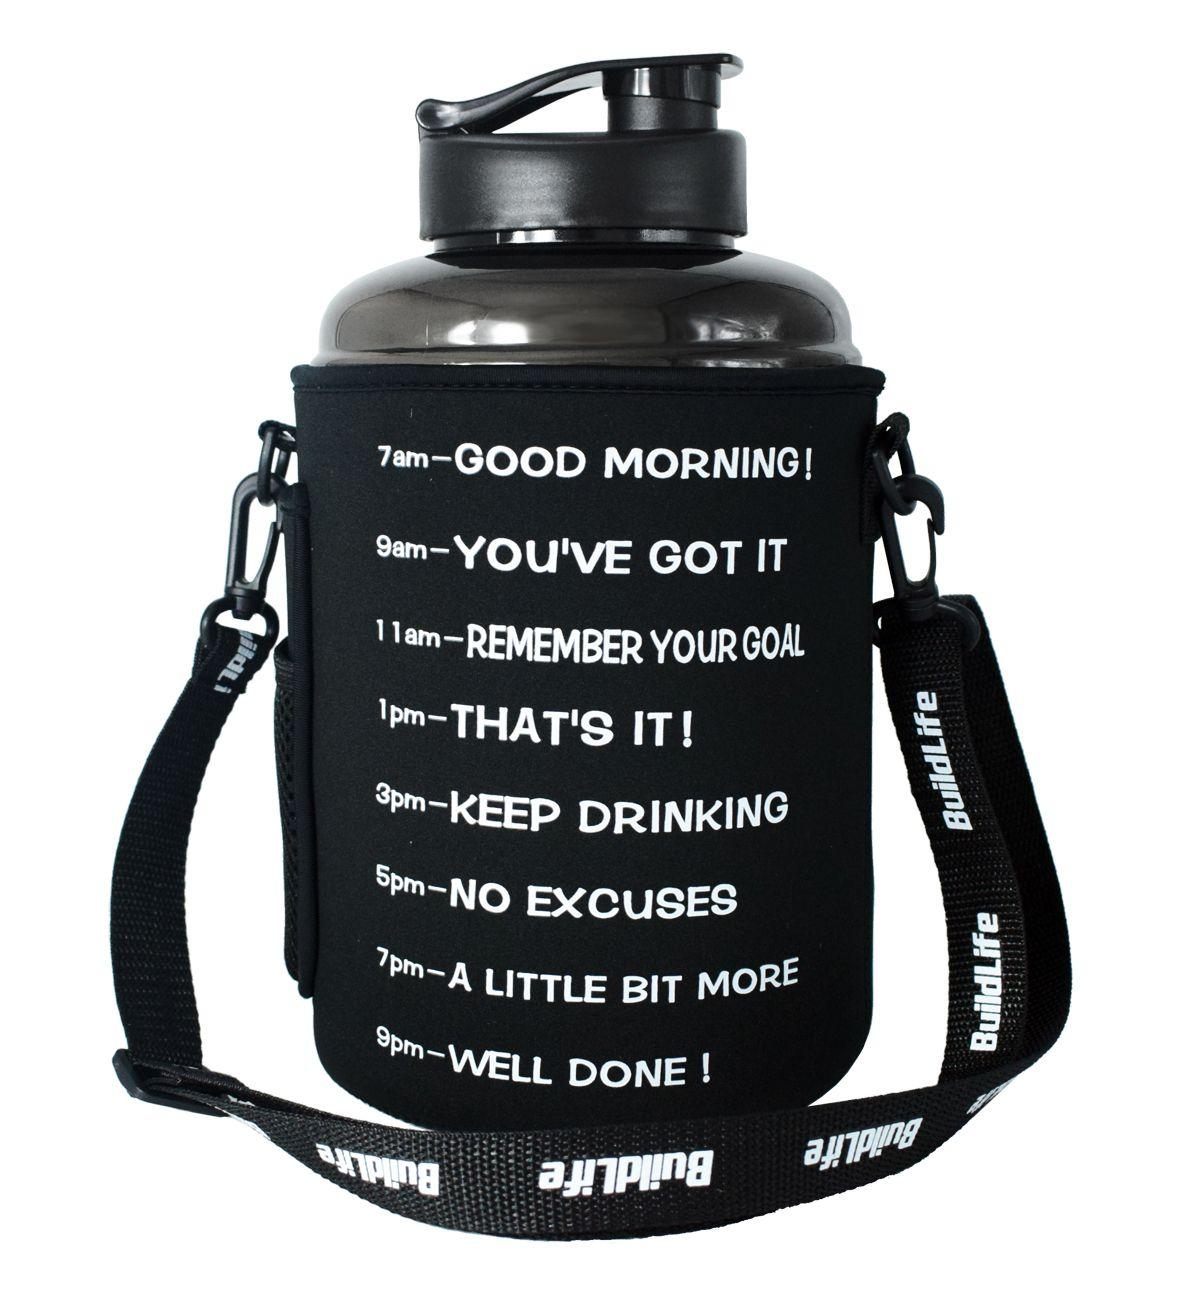 Quifit 2.2L 2.5L 3.78L Tasche Pack Hülse Abdeckung Träger Mit Schulter gurt Für Gallonen Sport Wasser Trinken Flasche Krug GYM sport